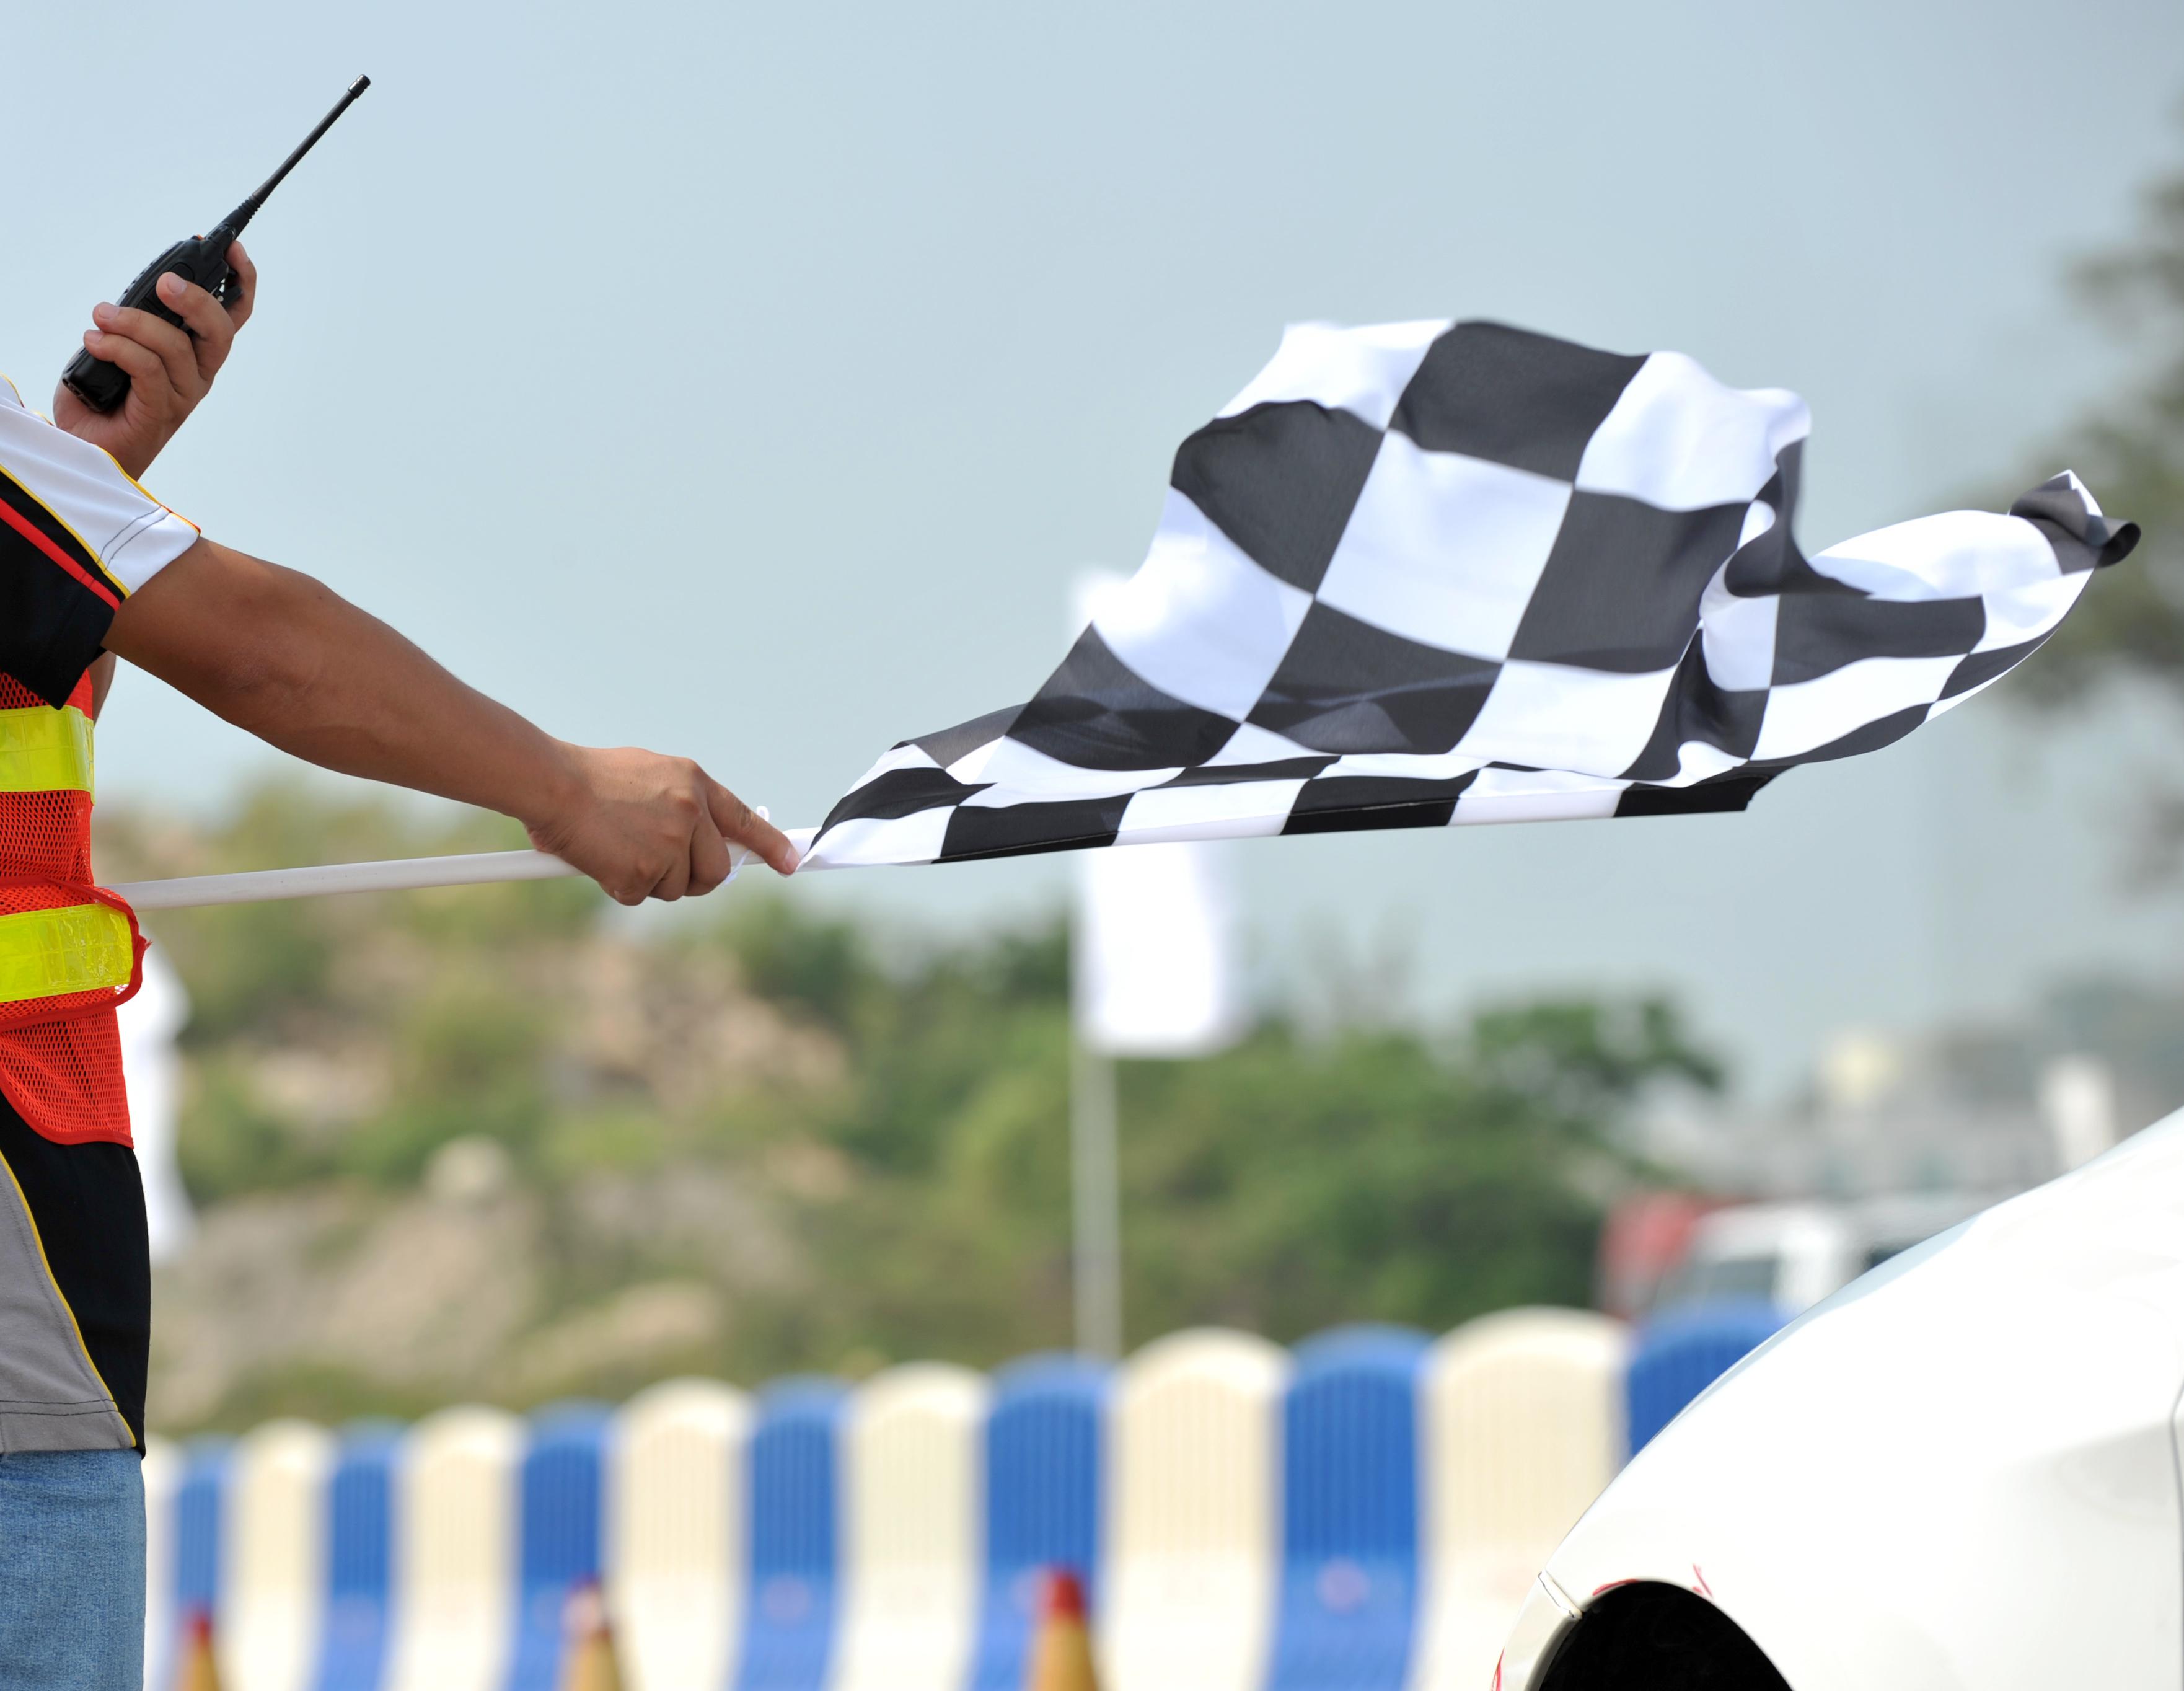 Checkered flag waving at a car race.